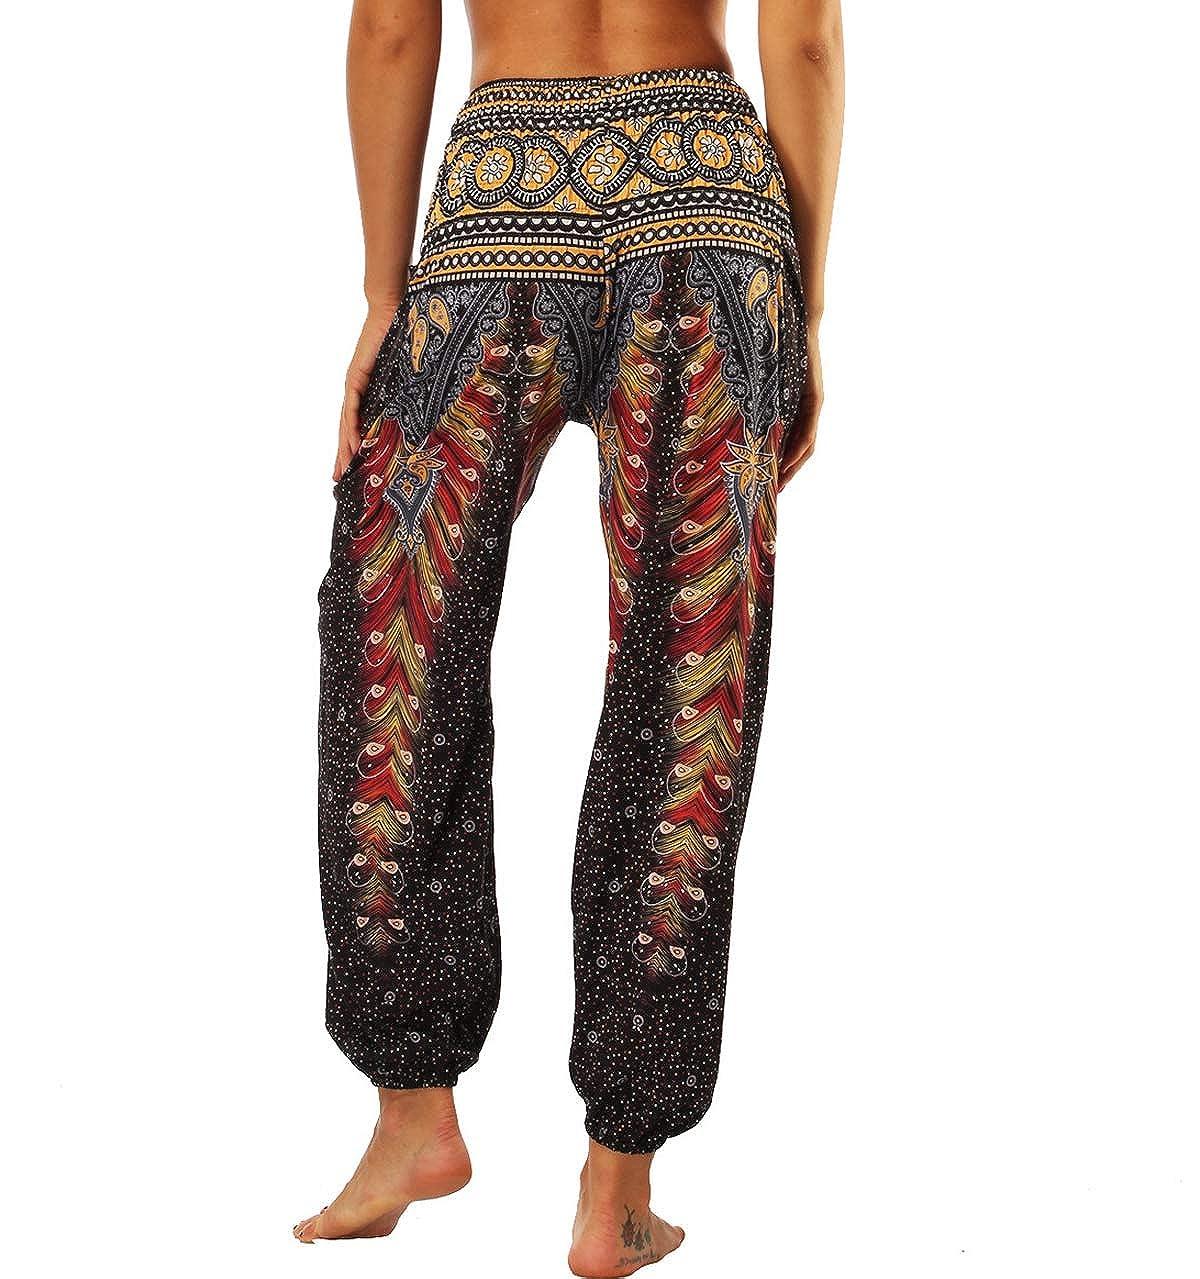 Pantaloni Harem Donna Pantalone Aladino Yoga Boho Baggy Ampi Larghi Leggeri Estivi Pantaloni Hippie Smocked Waist con Tasconi Etnici Classici Casual Sportivi Largo Hip Hop Jogging Festival Eleganti